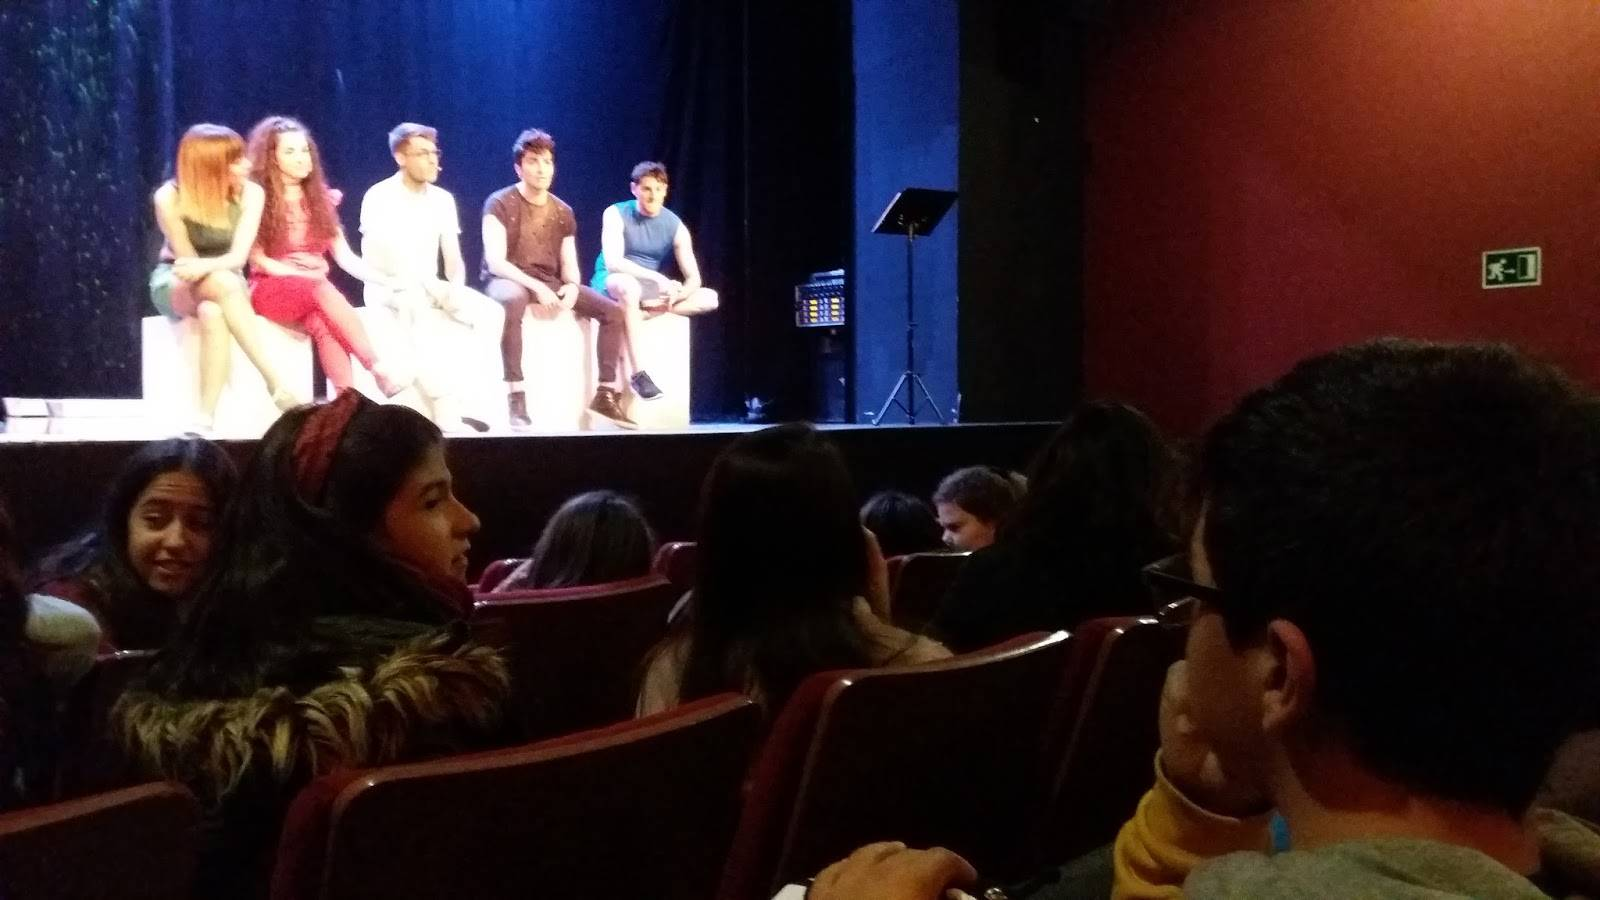 teatro contra el acoso escolar - IES Hermógenes Rodríguez contra el acoso escolar